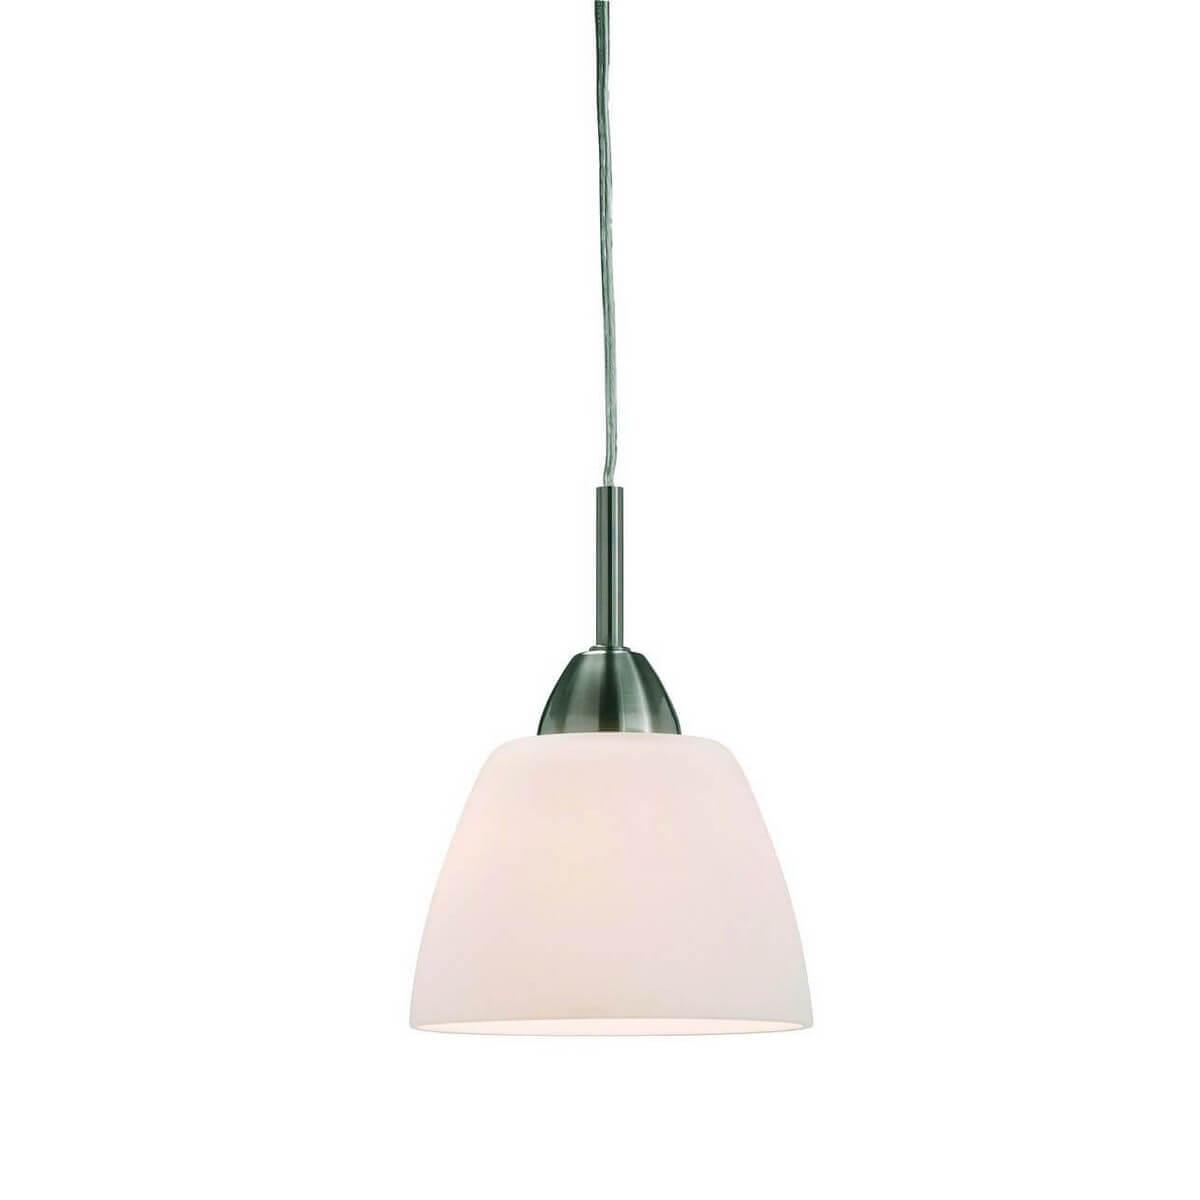 Подвесной светильник Markslojd Brell 195941-455312 цена в Москве и Питере